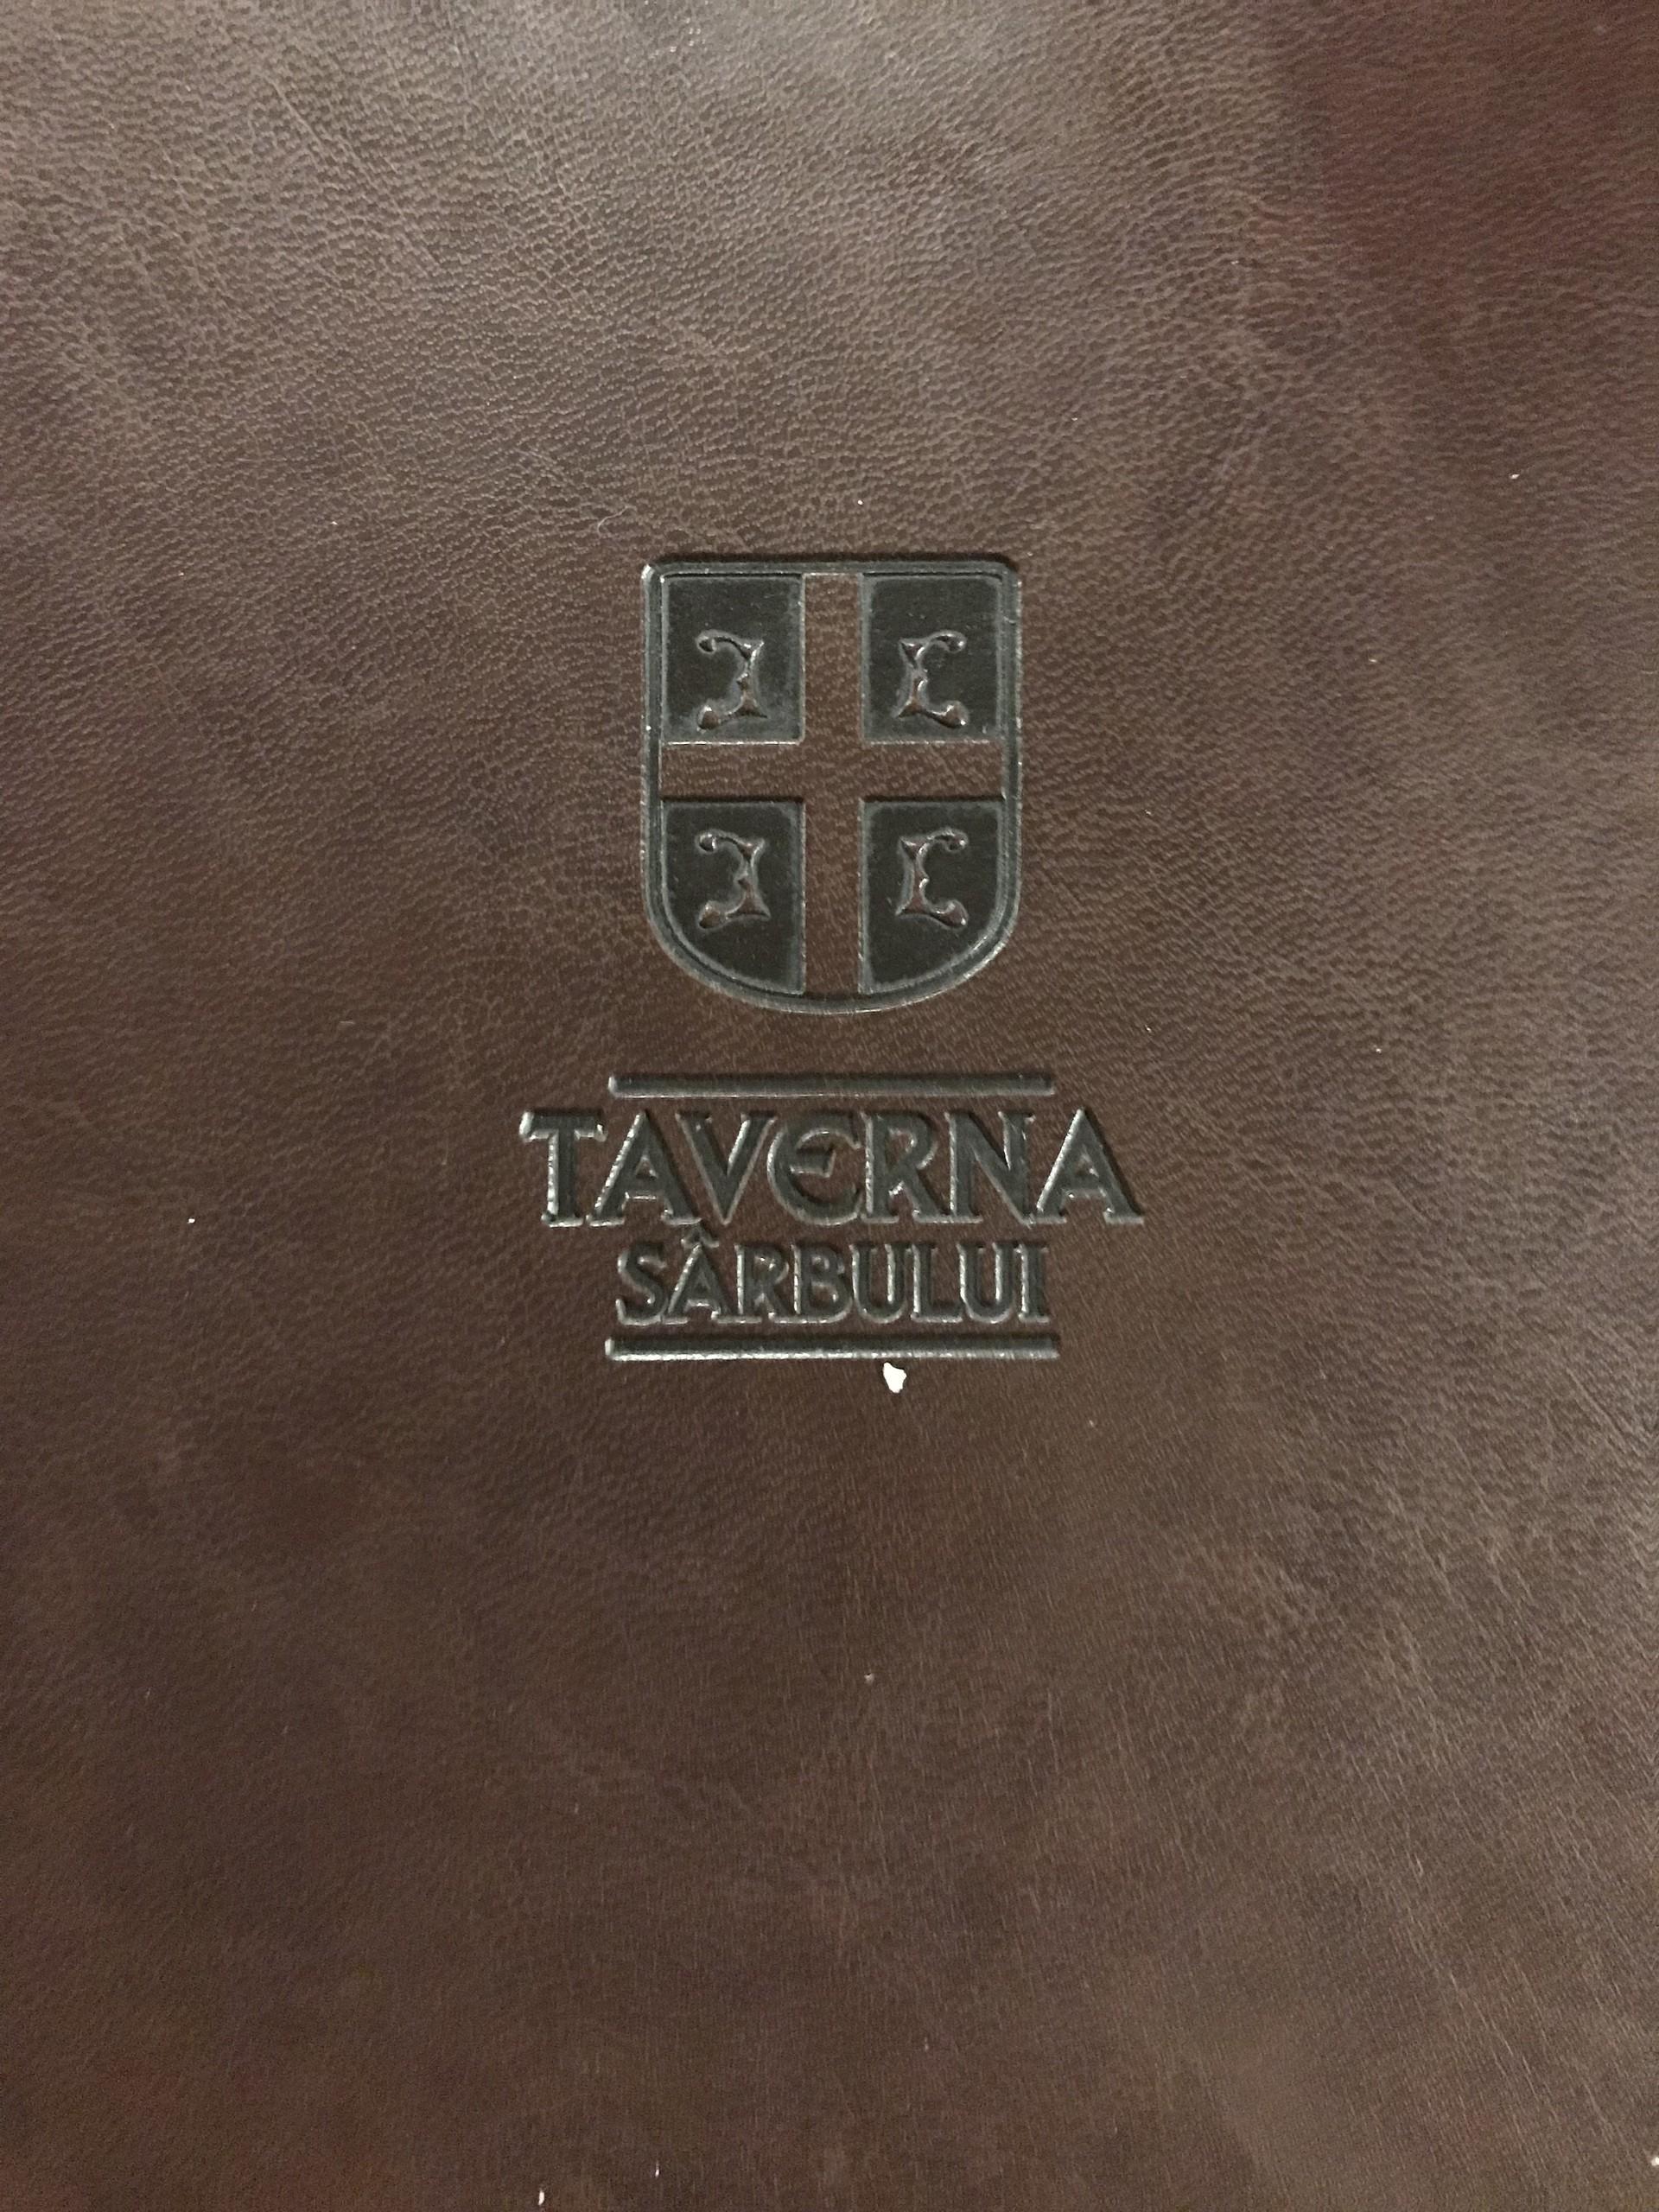 taverna-sarbului-29e1e8ec00f95b726aed13e